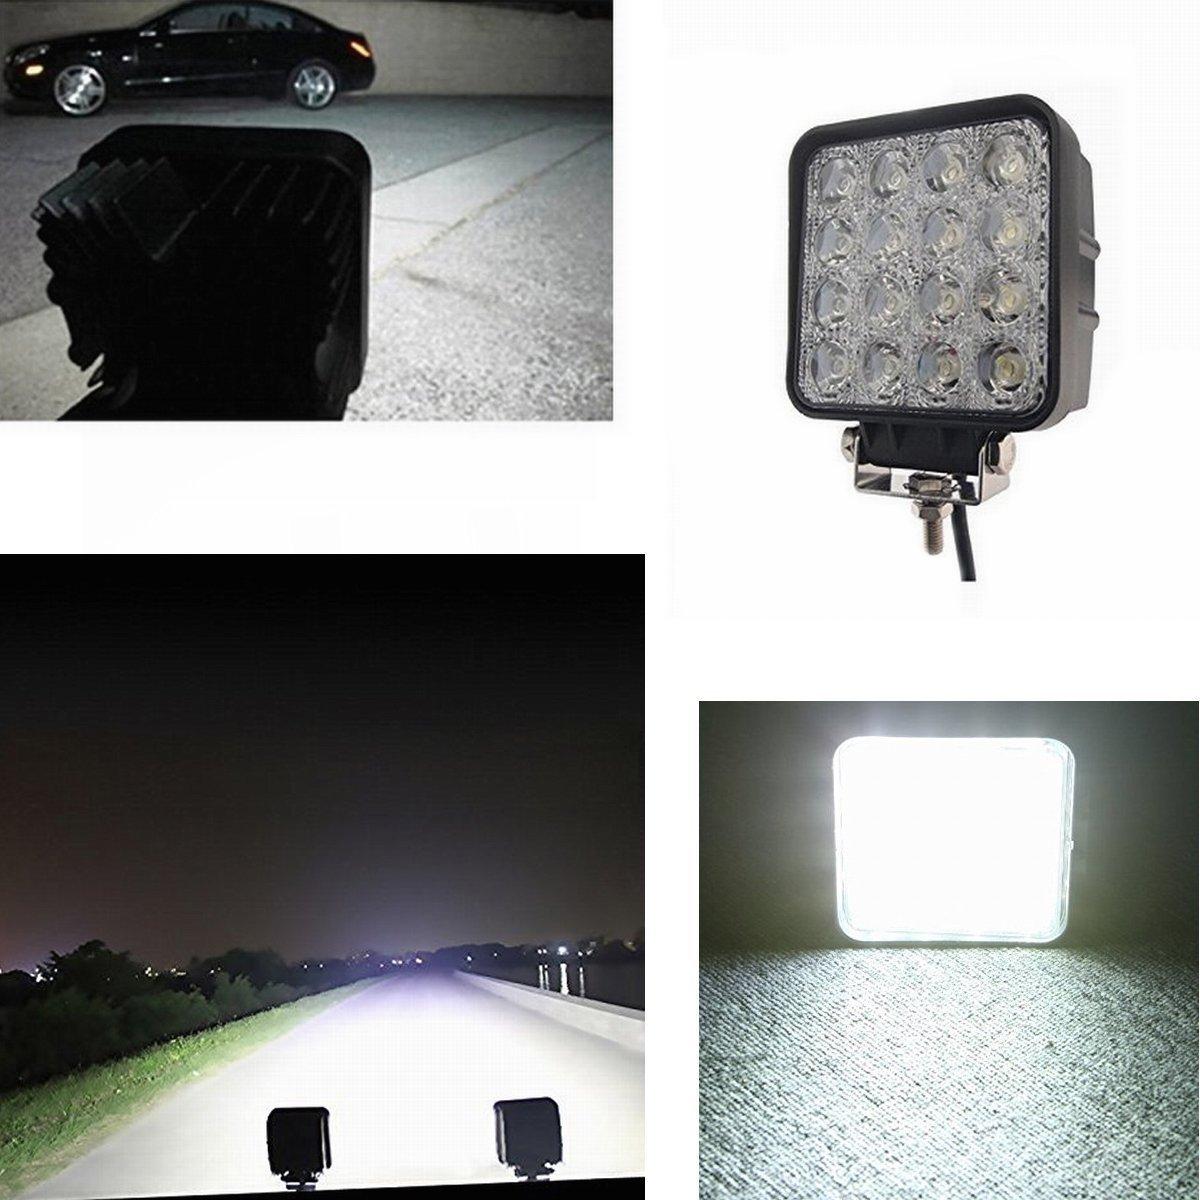 Trattore per auto SUV ATV UTV SAILUN 8X27W LED Faro da lavoro 8 * 27 W, rotondo Fari per fuoristrada Faro anteriore,IP67 Impermeabile 12V 24V Luce retromarcia